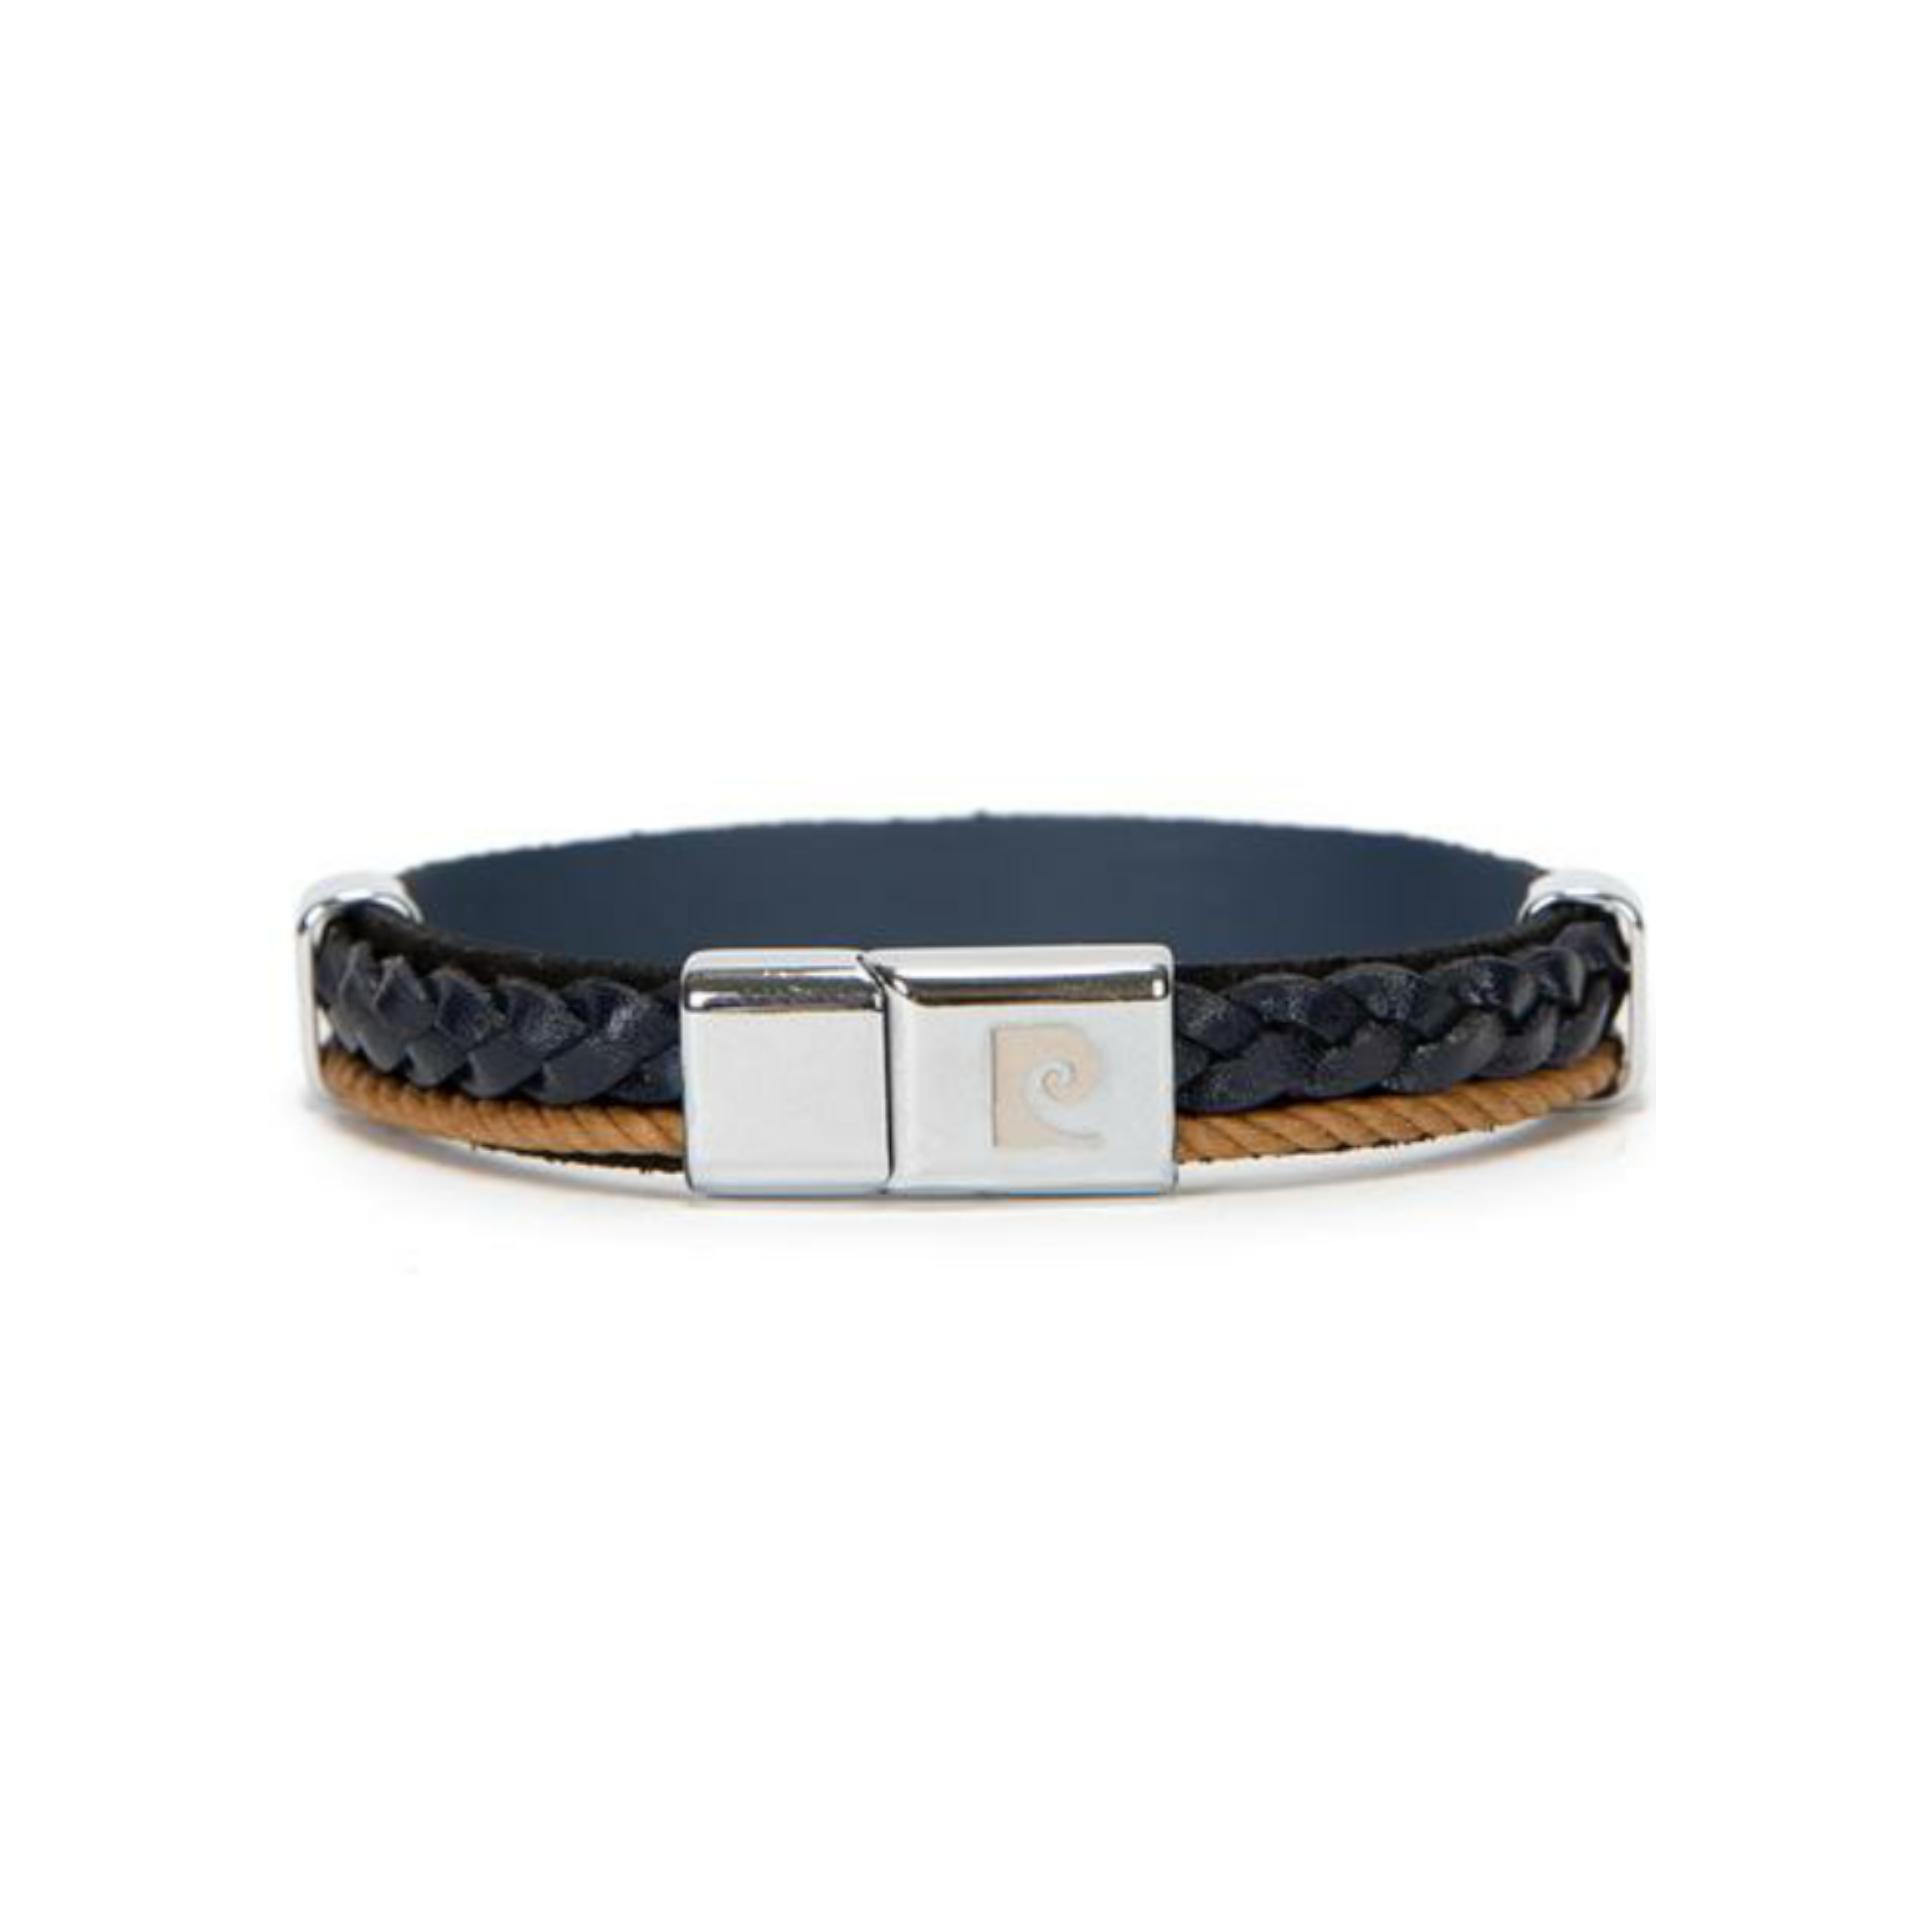 دستبند مردانه پیر کاردین کد 5010